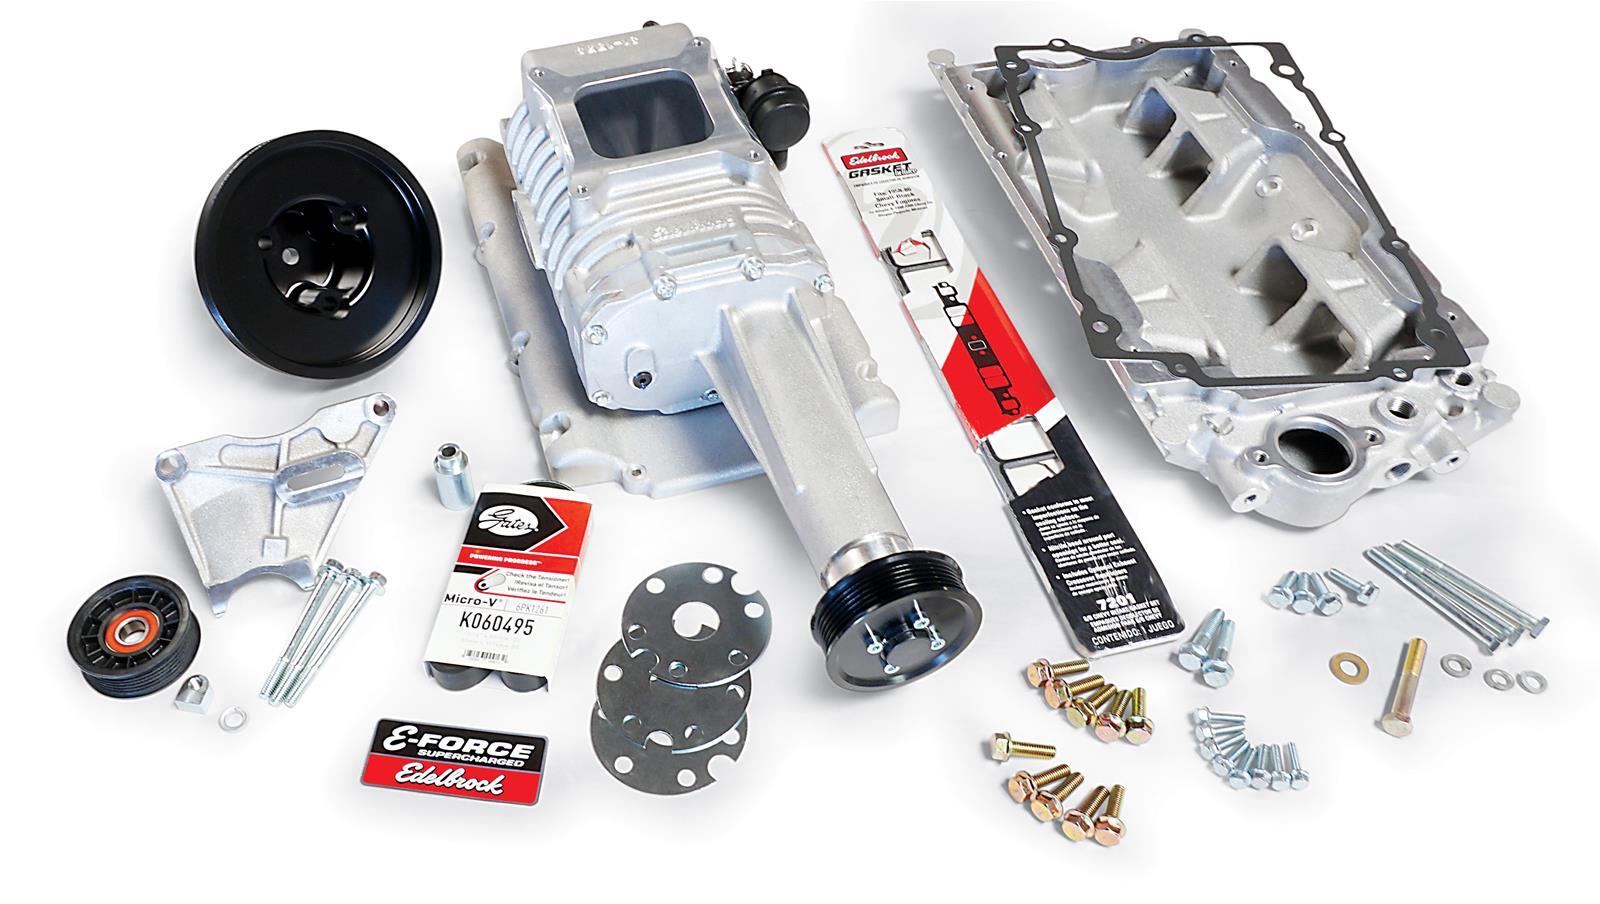 Edelbrock E-Force Supercharger Kits 1551